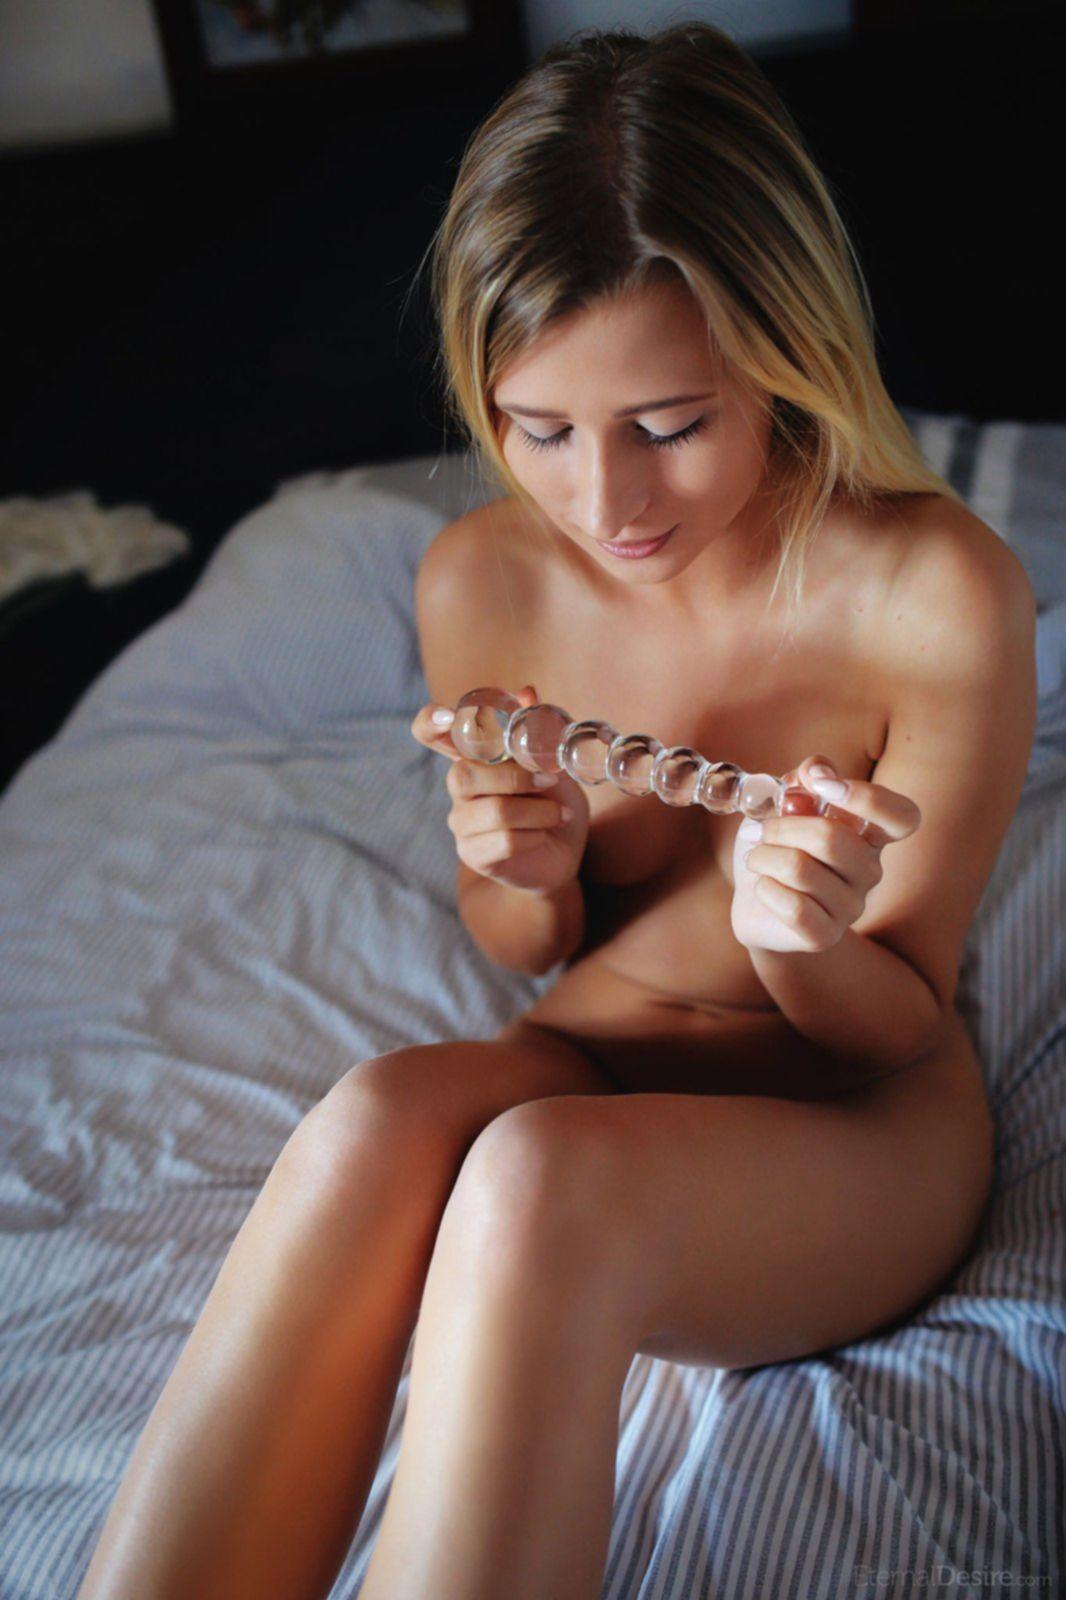 Развратная голая девушка развлекается на кровати - фото